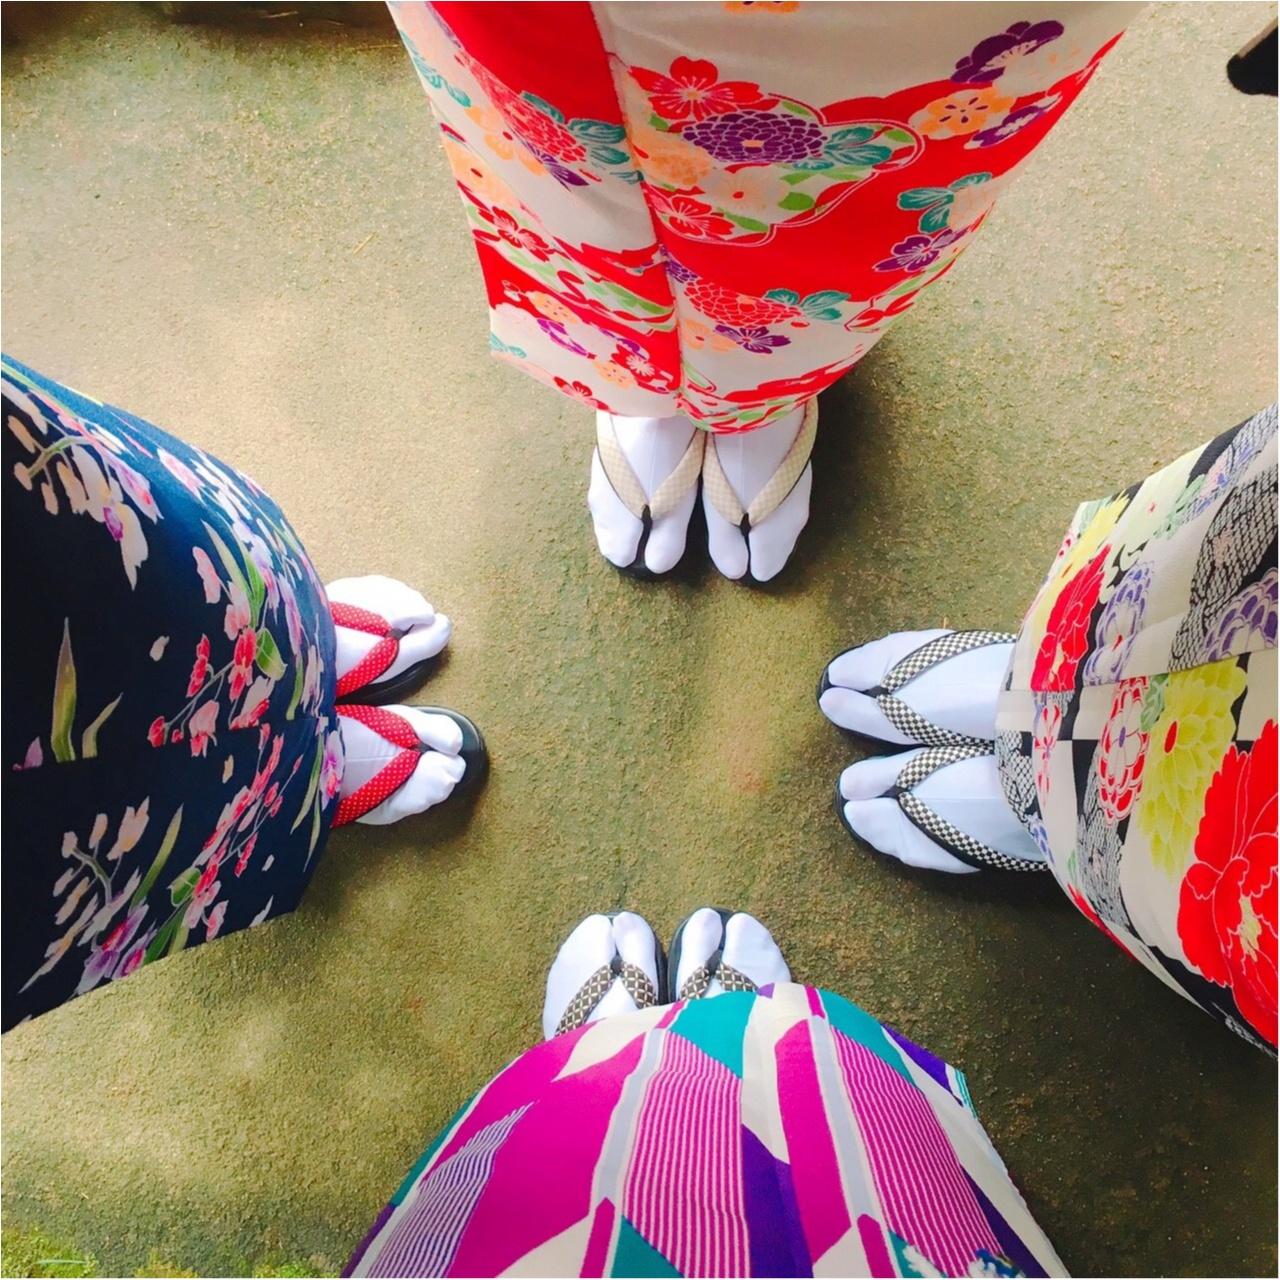 【✨着物レンタルwargo ¥2,900✨】手ぶらでOK!着物を着てお出掛けしよう❤︎鎌倉の「報国寺の竹林」「浄妙寺」「小町通り」を散歩しました♩≪samenyan≫_28